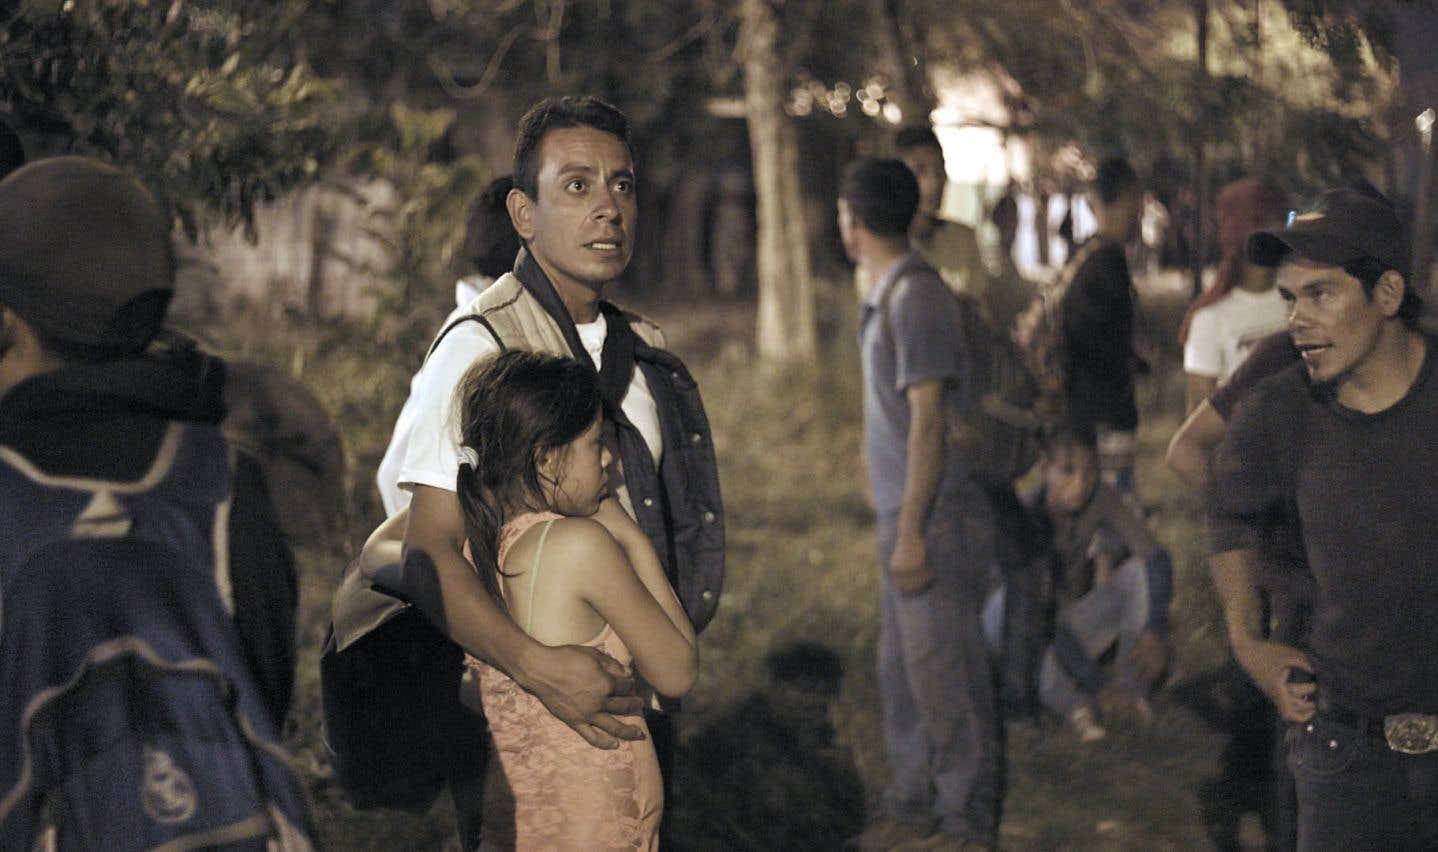 La caméra du documentariste se tient près des réfugiés.